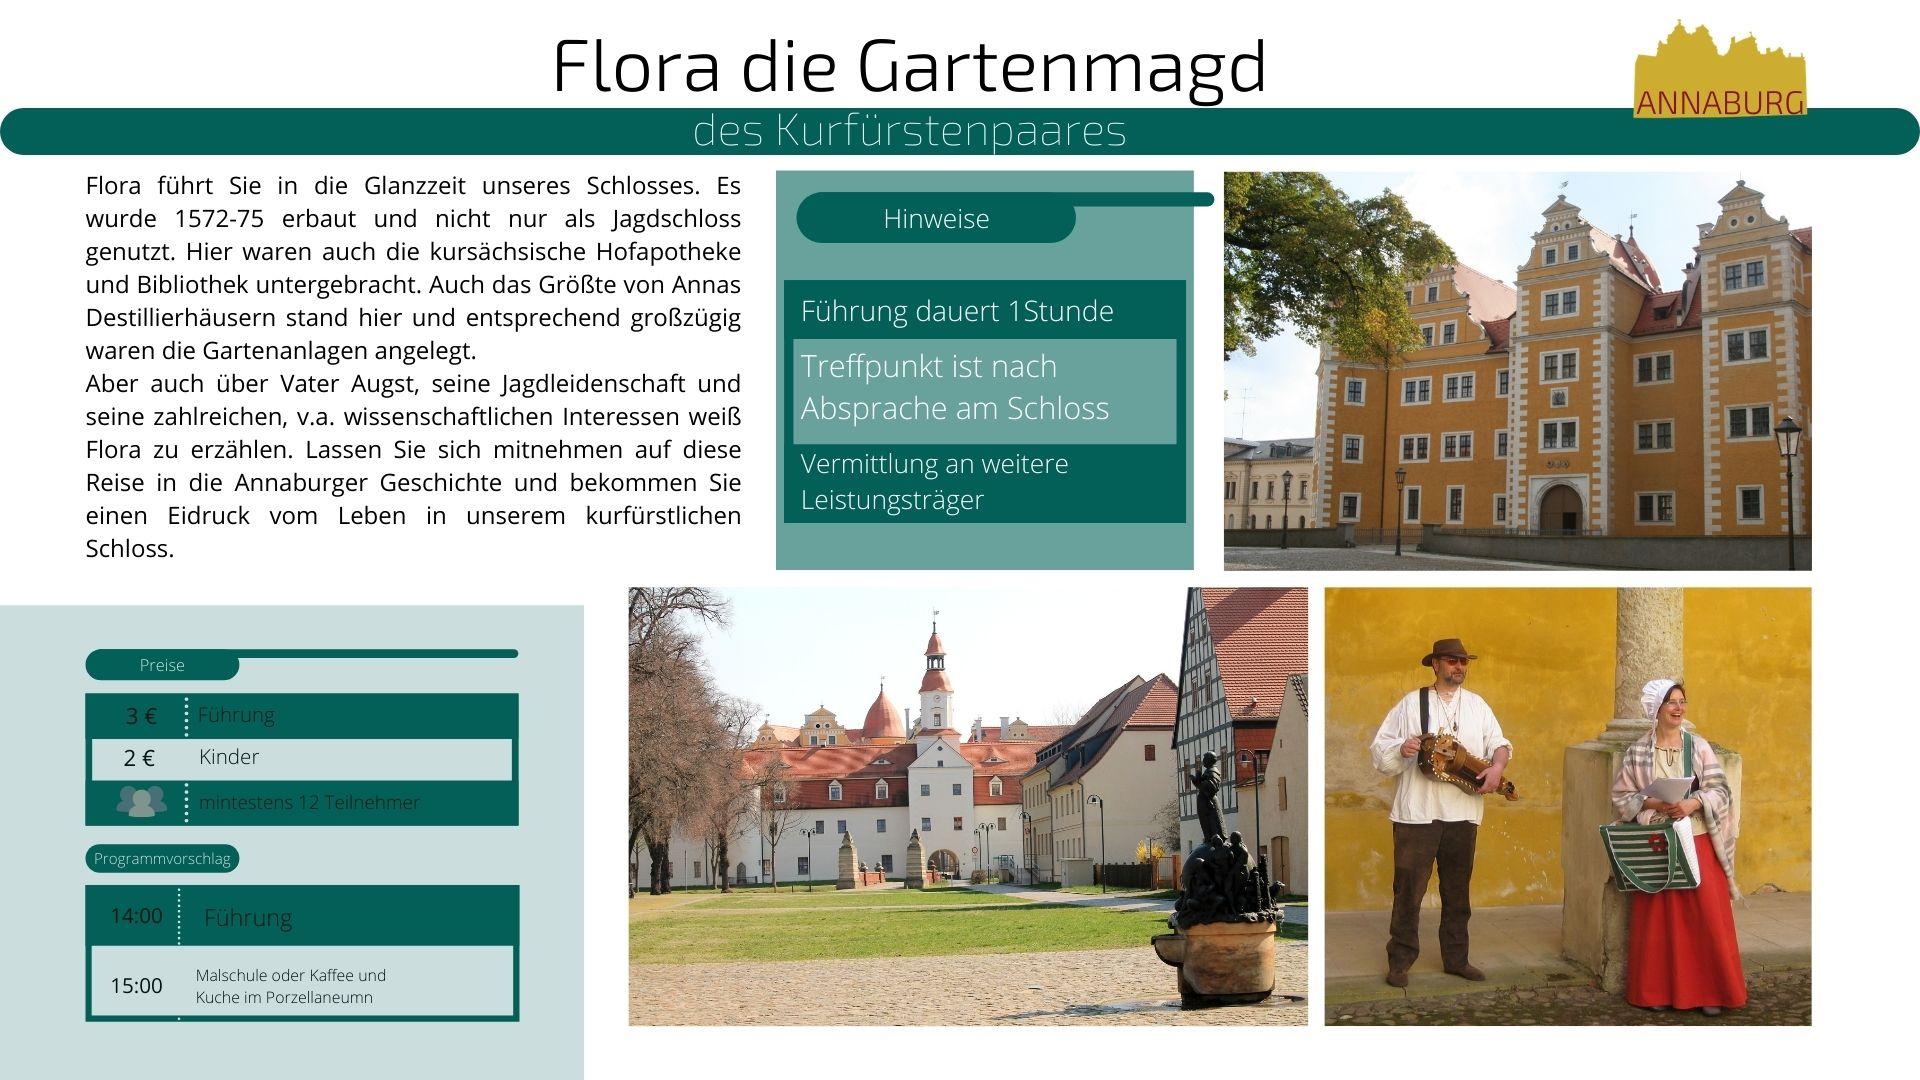 Angaben zur Führung: Flora die Gartenmagd